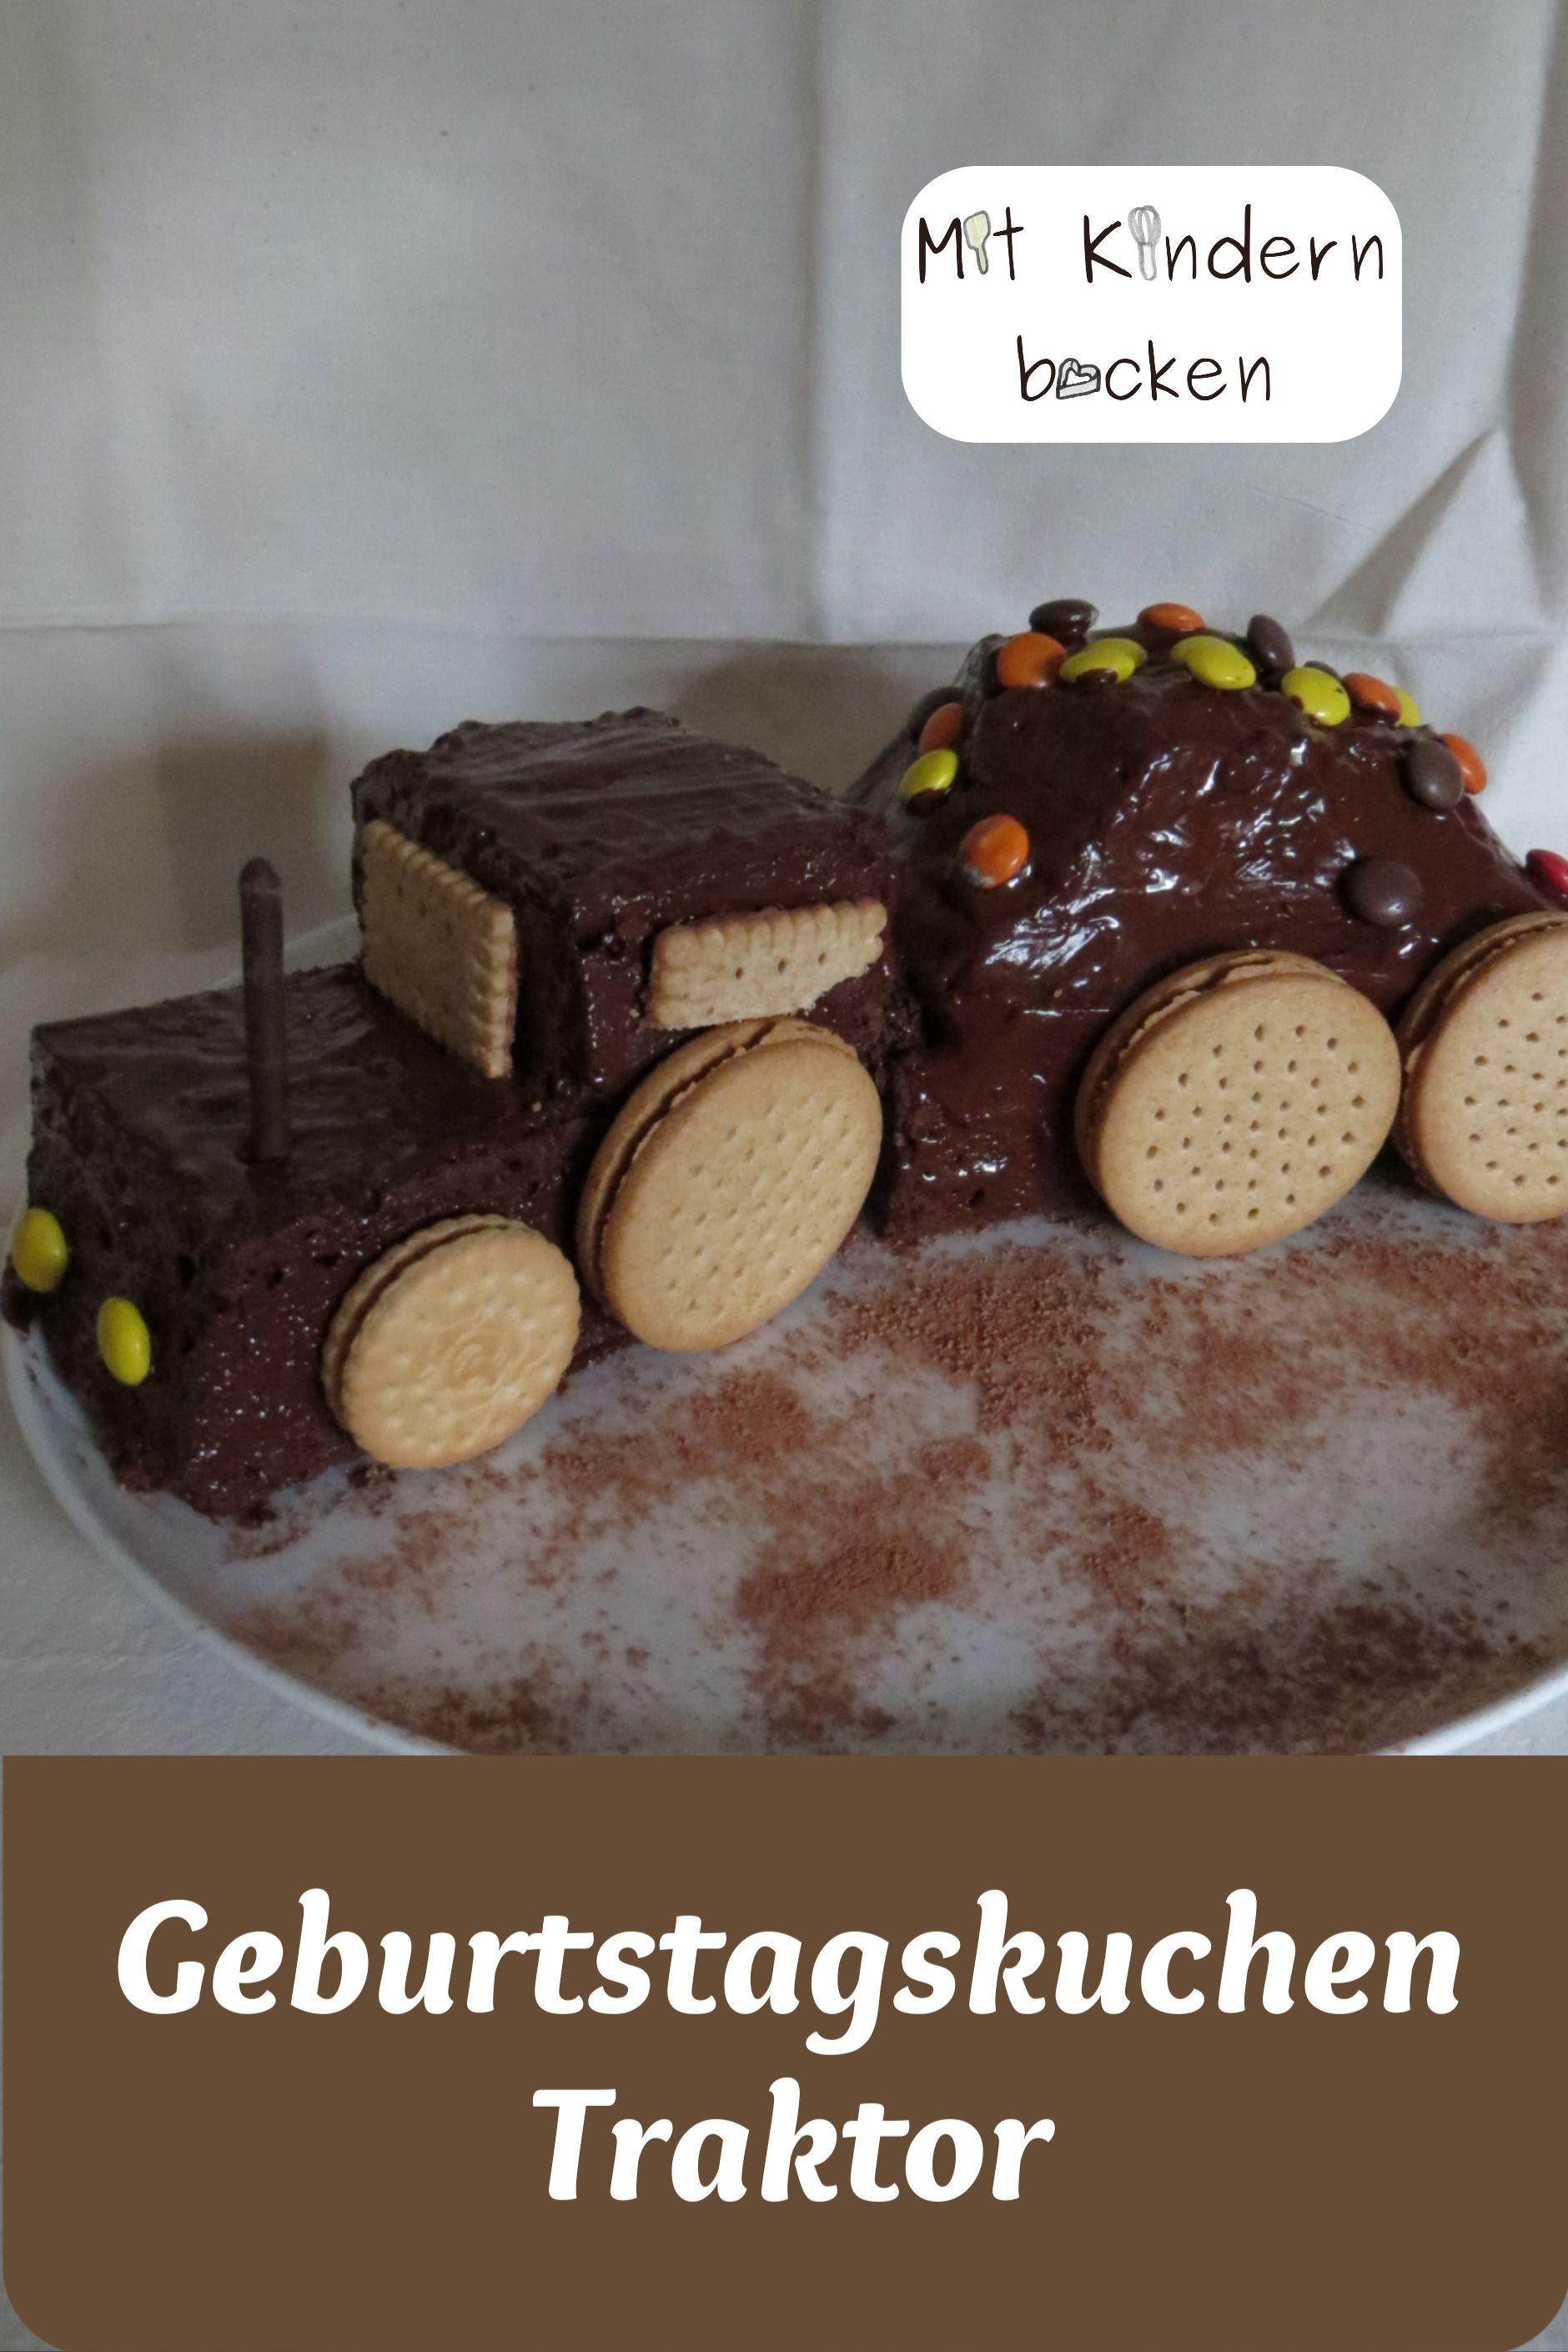 Geburtstagskuchen Traktor In 2020 Kuchen Kindergeburtstag Kuchen Geburtstagskuchen